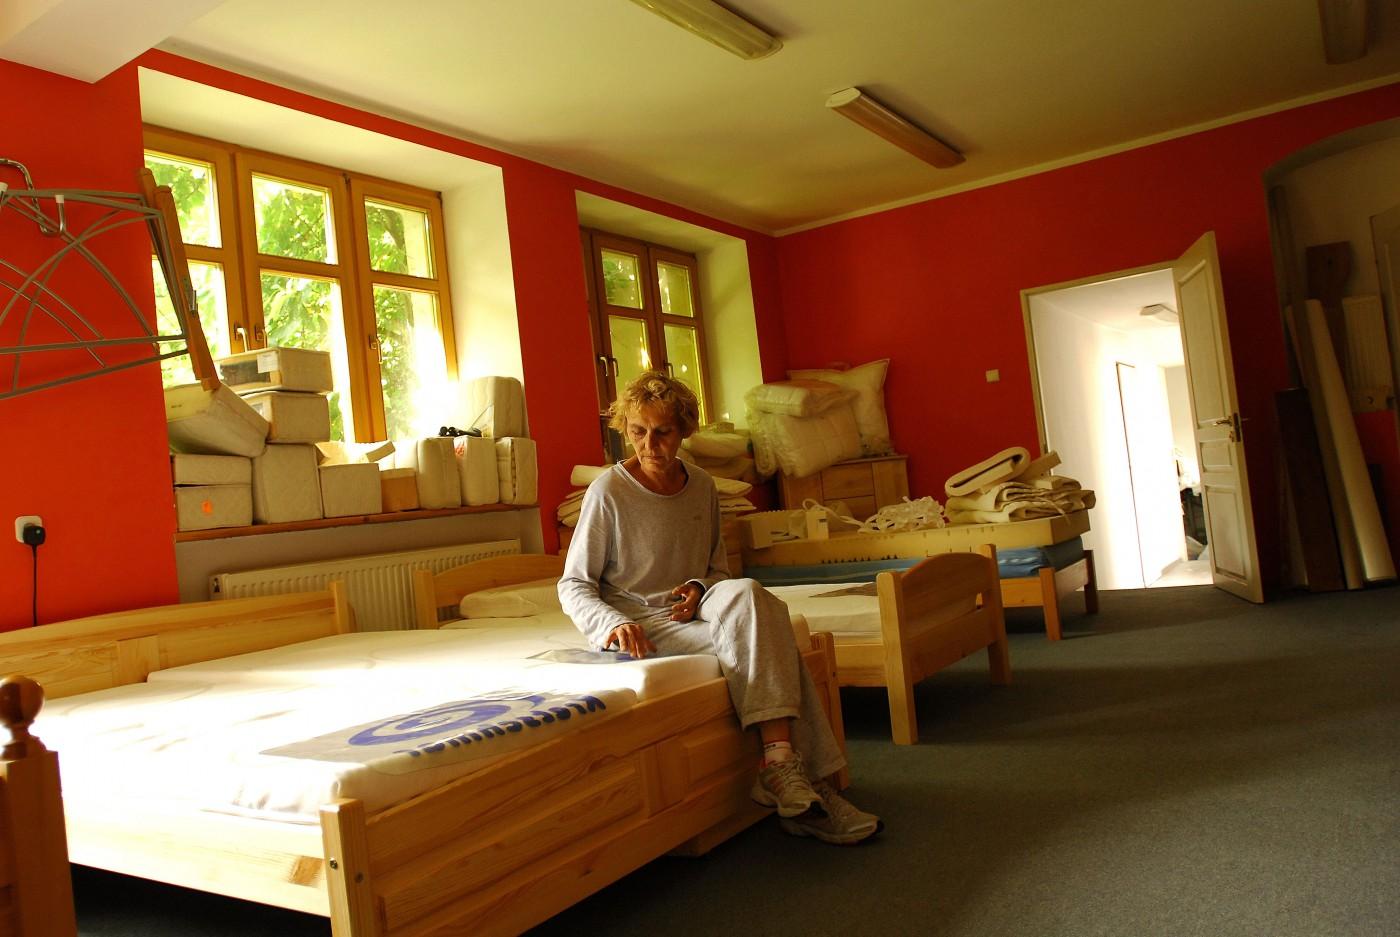 Maria Bejmowicz-Szemplinska, </span><span><em>Sister, 2008</em>, </span><span>photograph 11x14